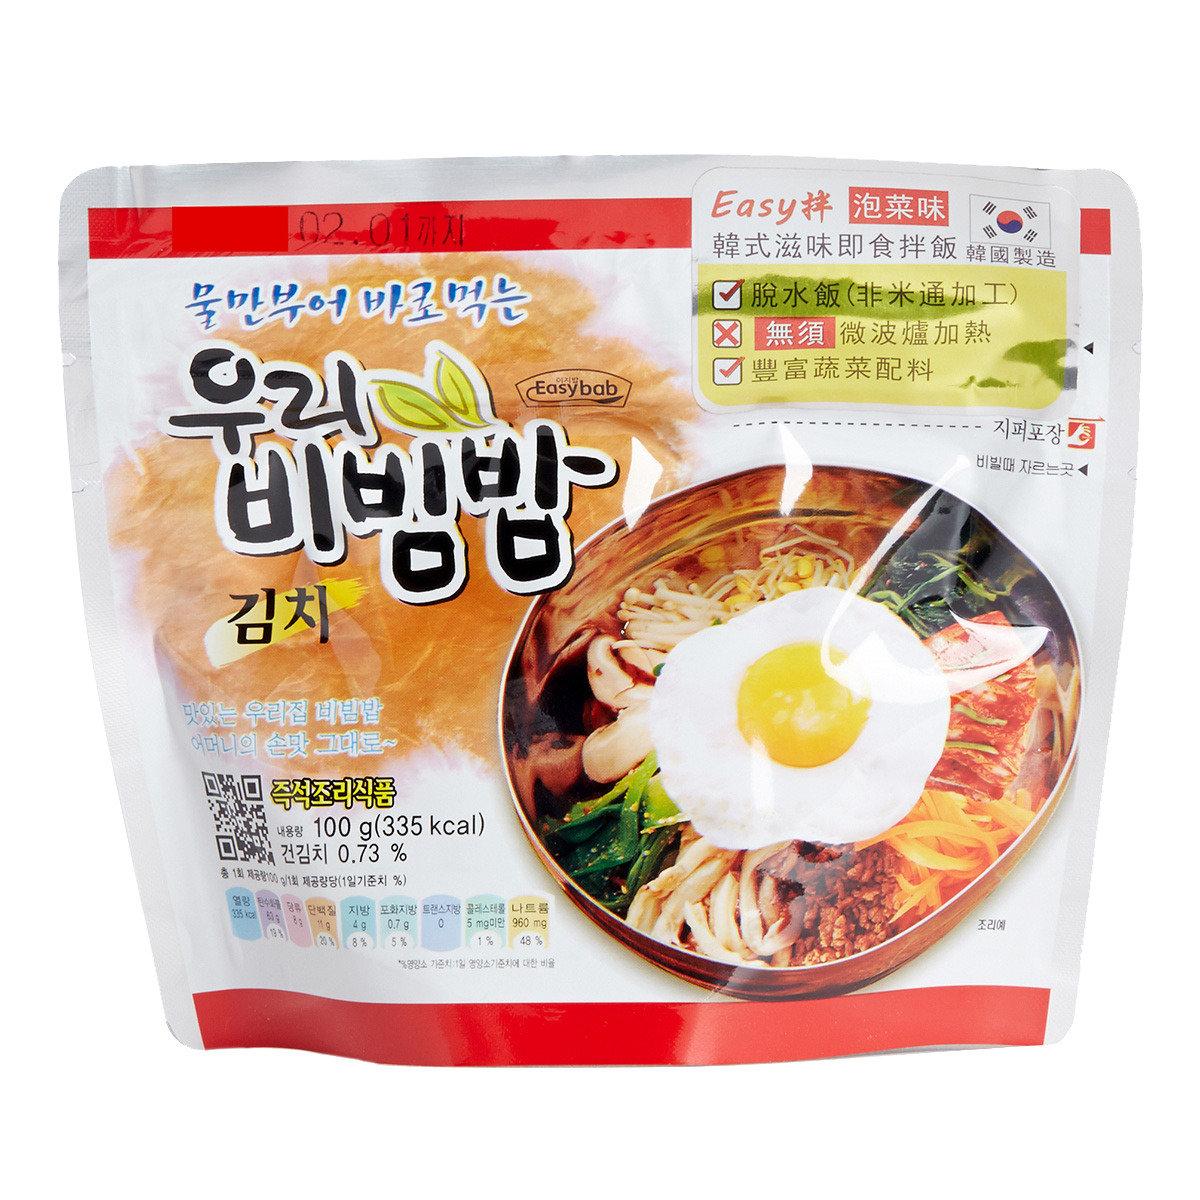 韓式滋味即食拌飯 - 泡菜味